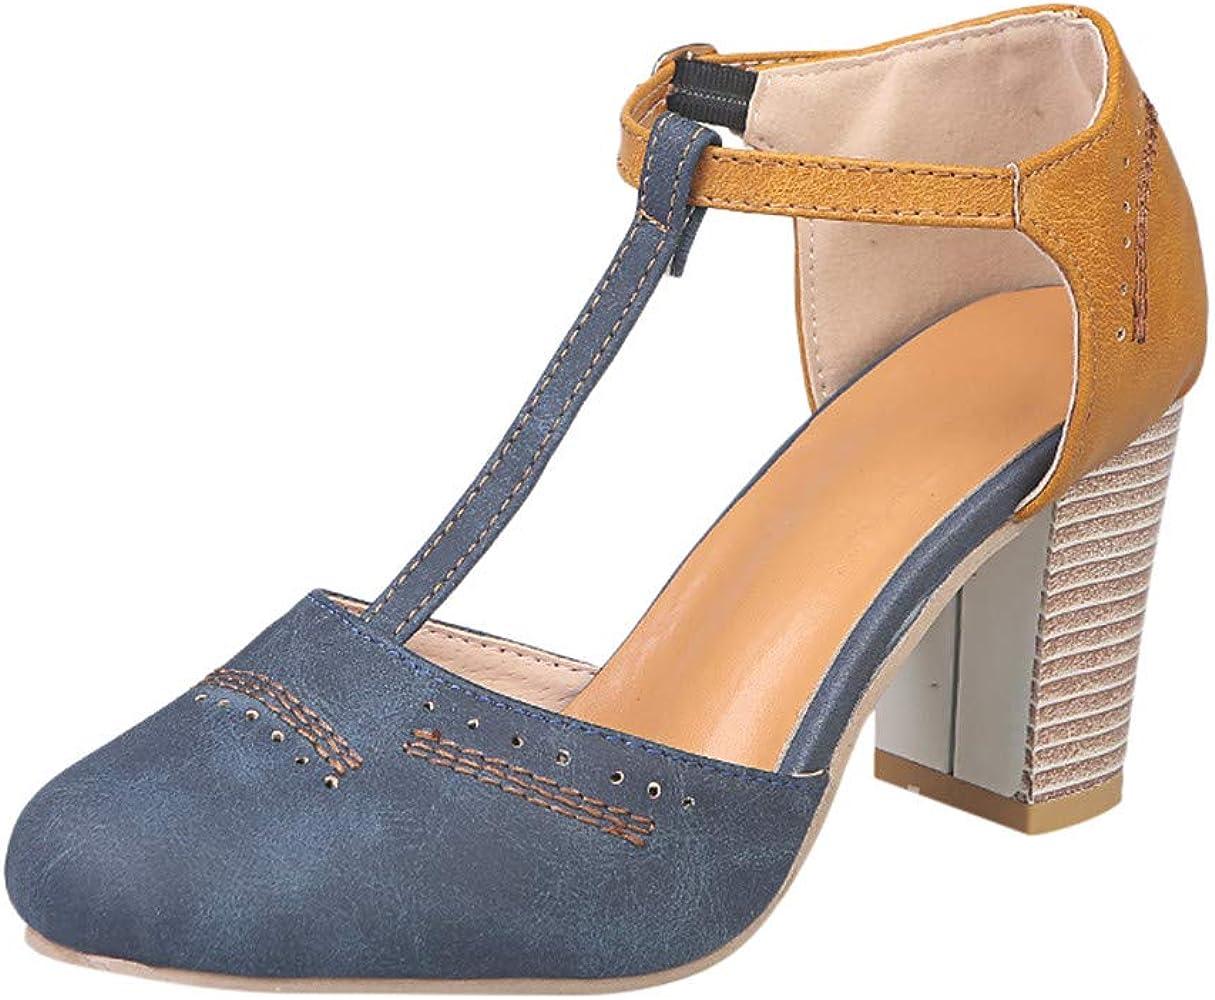 Plage Femme Chaussure Mode En Cher Sandale Été Romain Bloc Escarpin Cheville Talon De Lanière 5~8cm,pas Soldes,style UVSzqpM